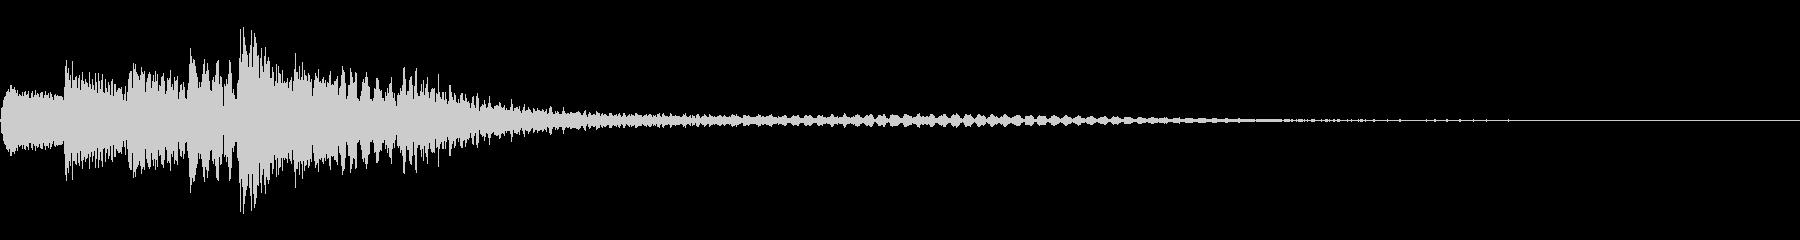 寂しげなピアノサウンドロゴの未再生の波形